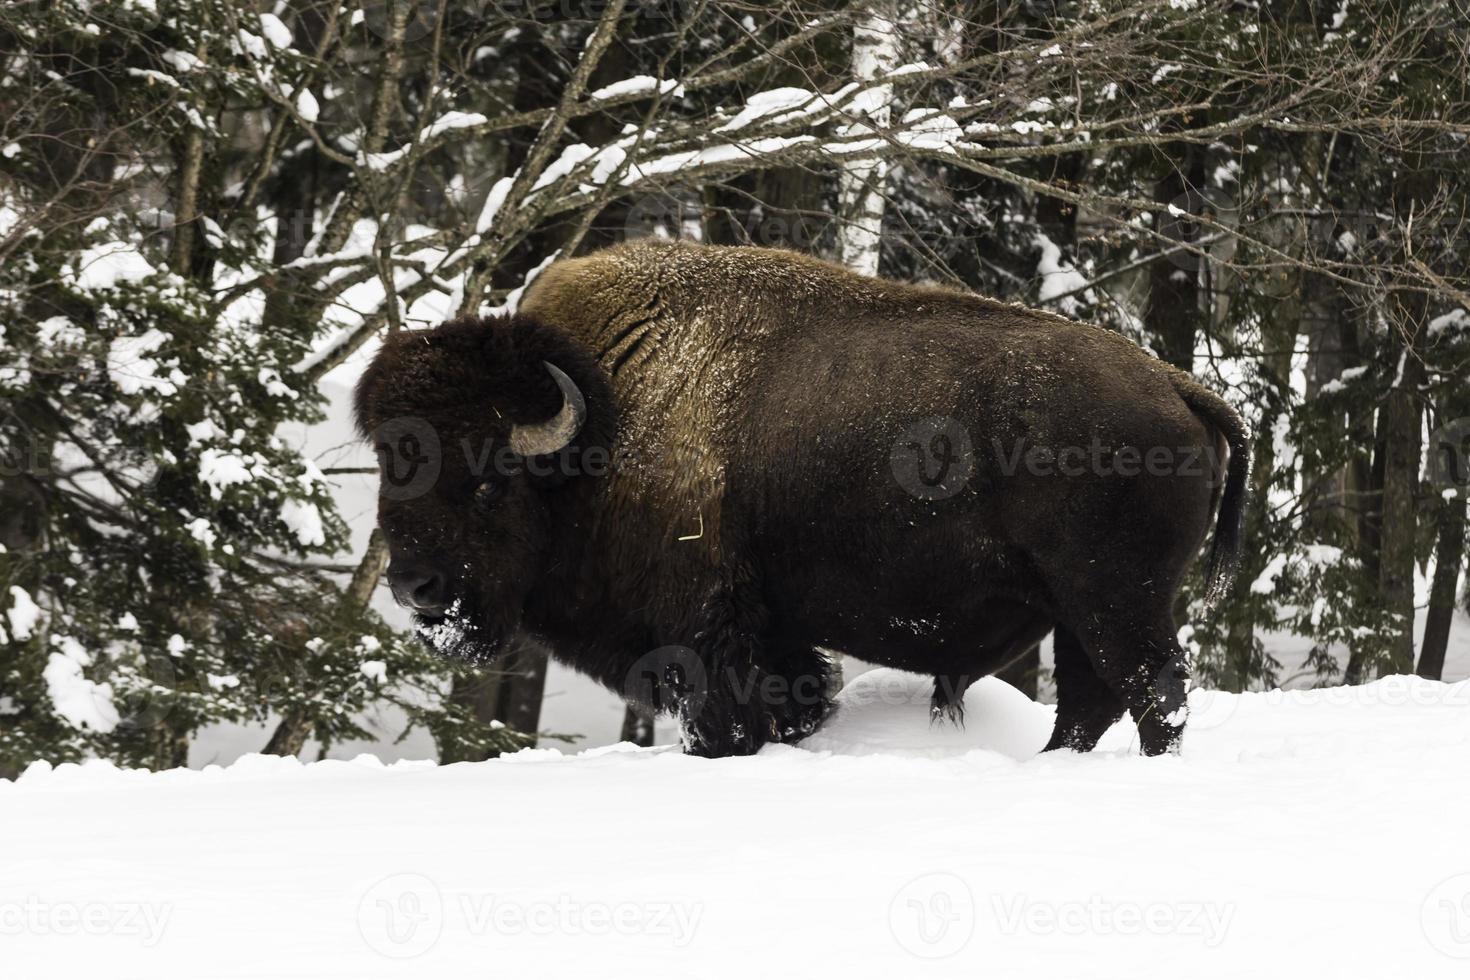 grote Amerikaanse veldbuffel in de winter foto